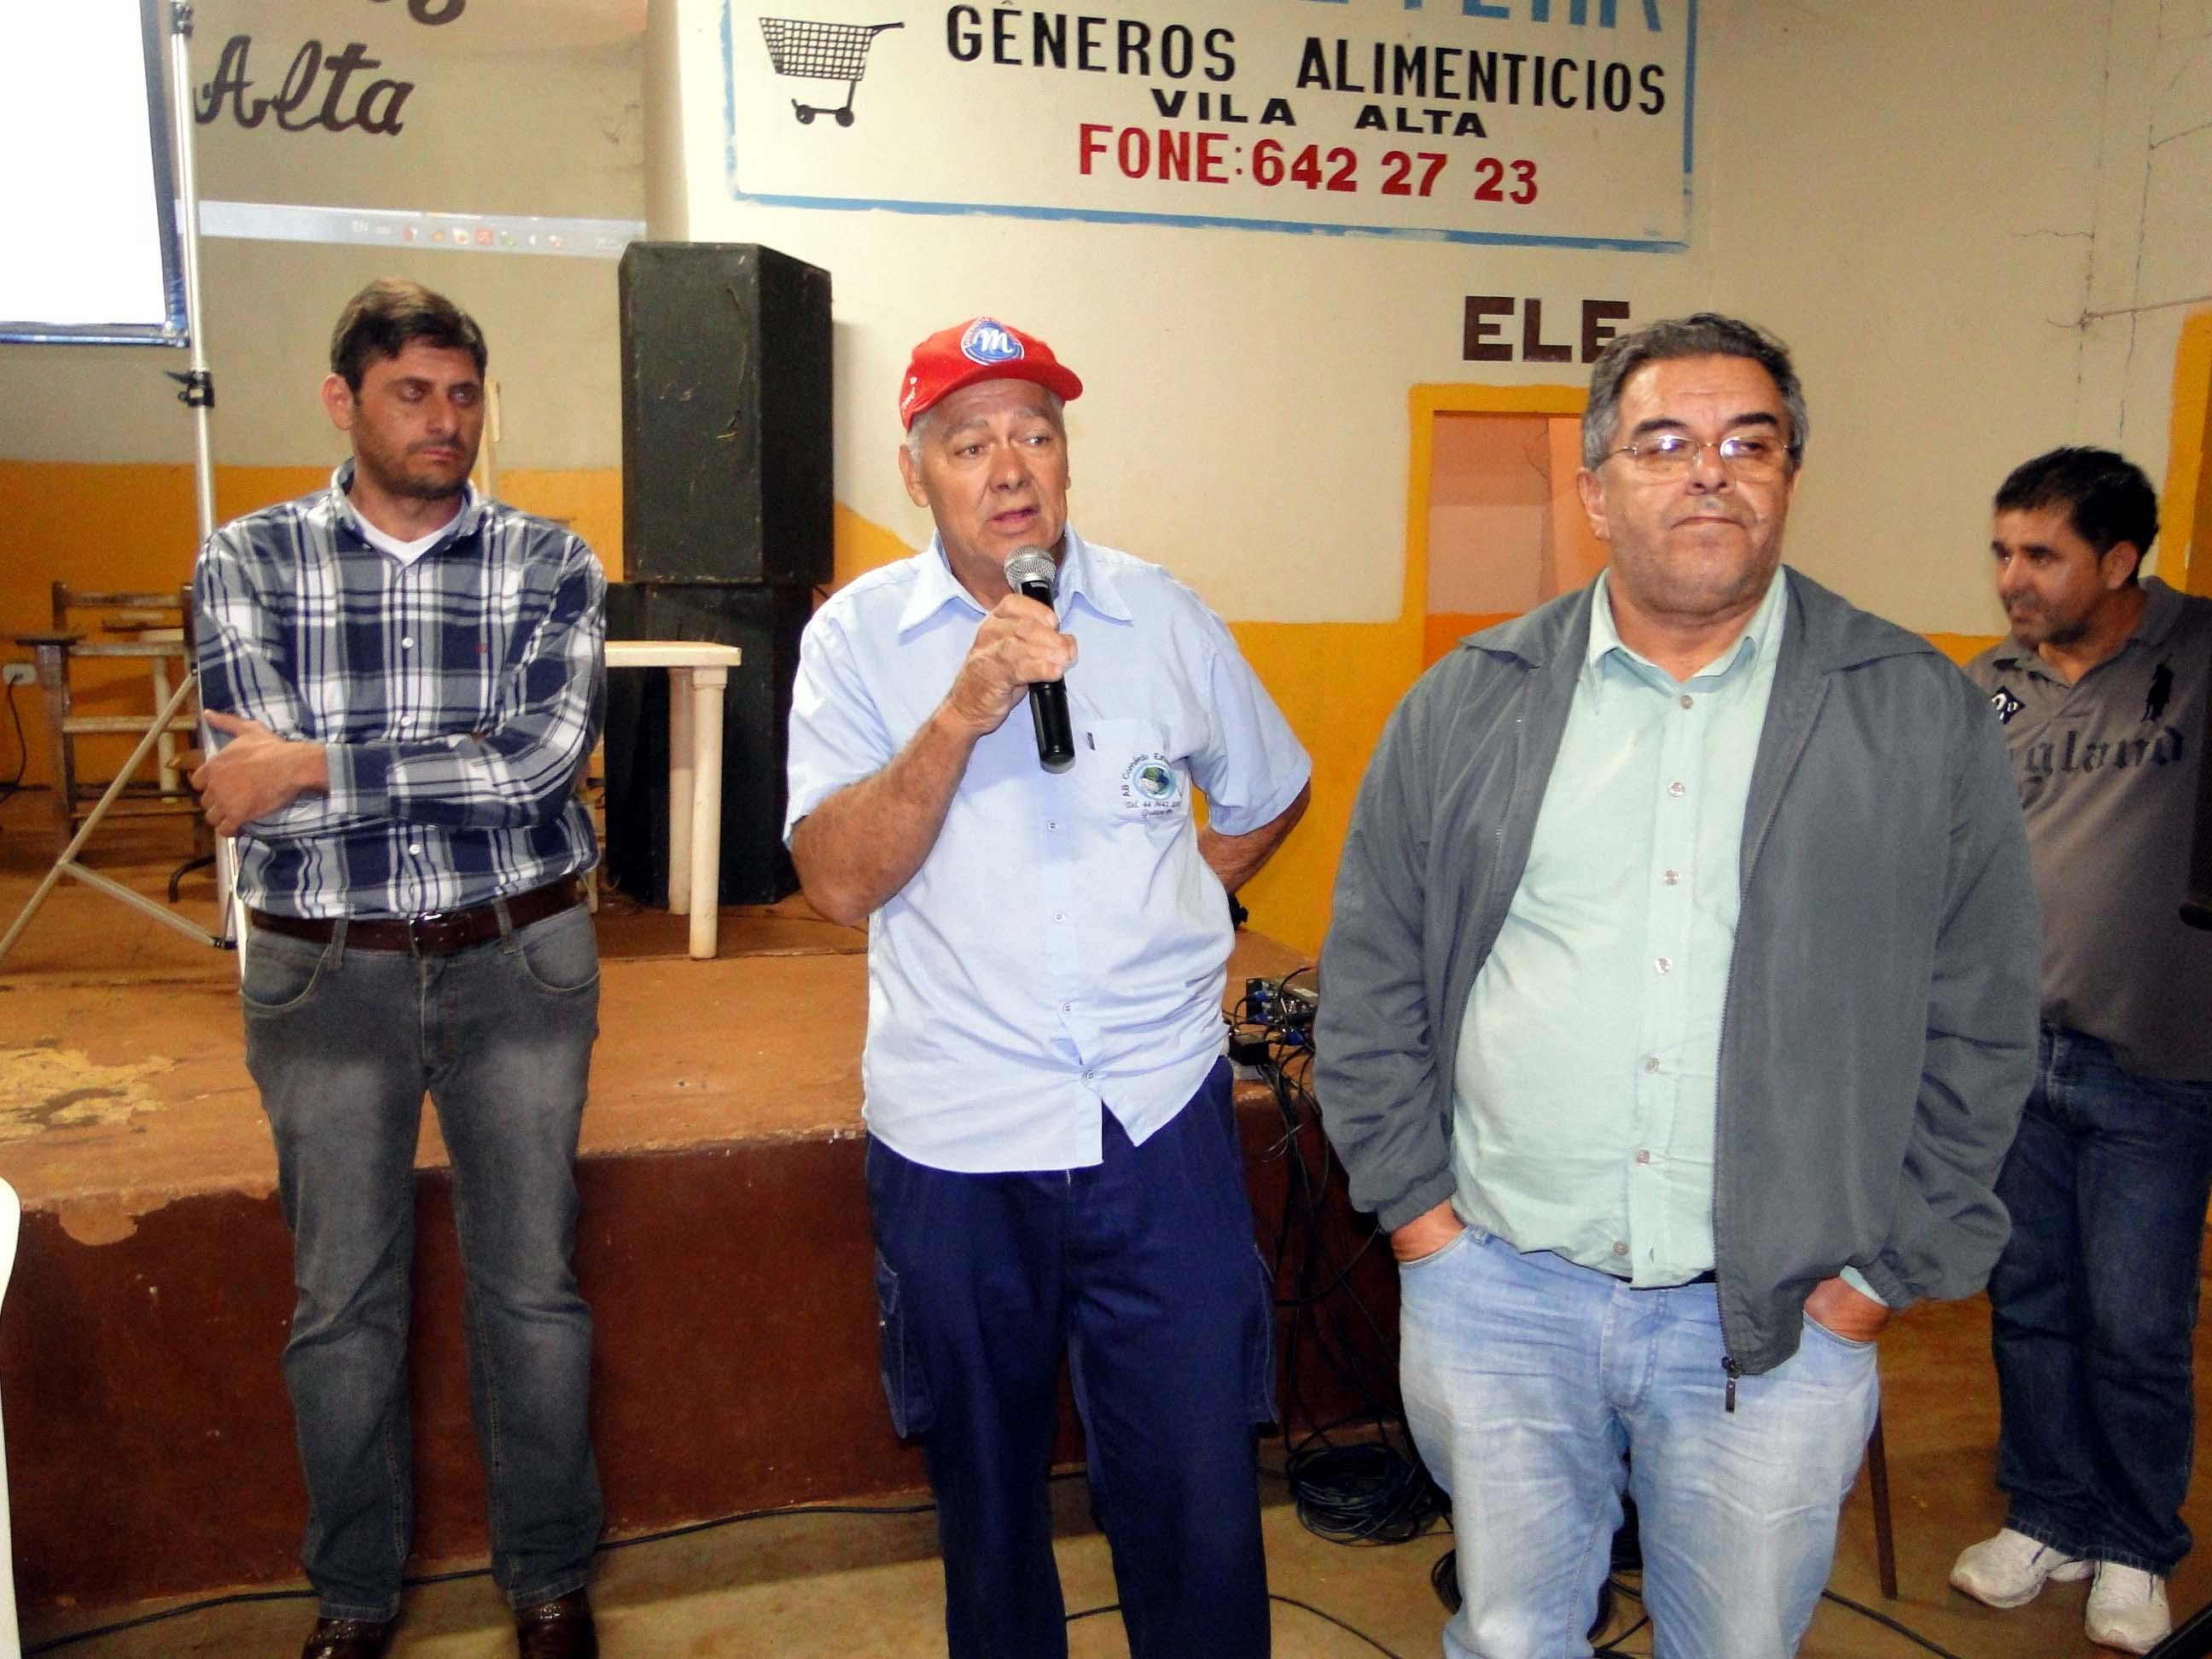 Leandro Danelon e lideranças participam